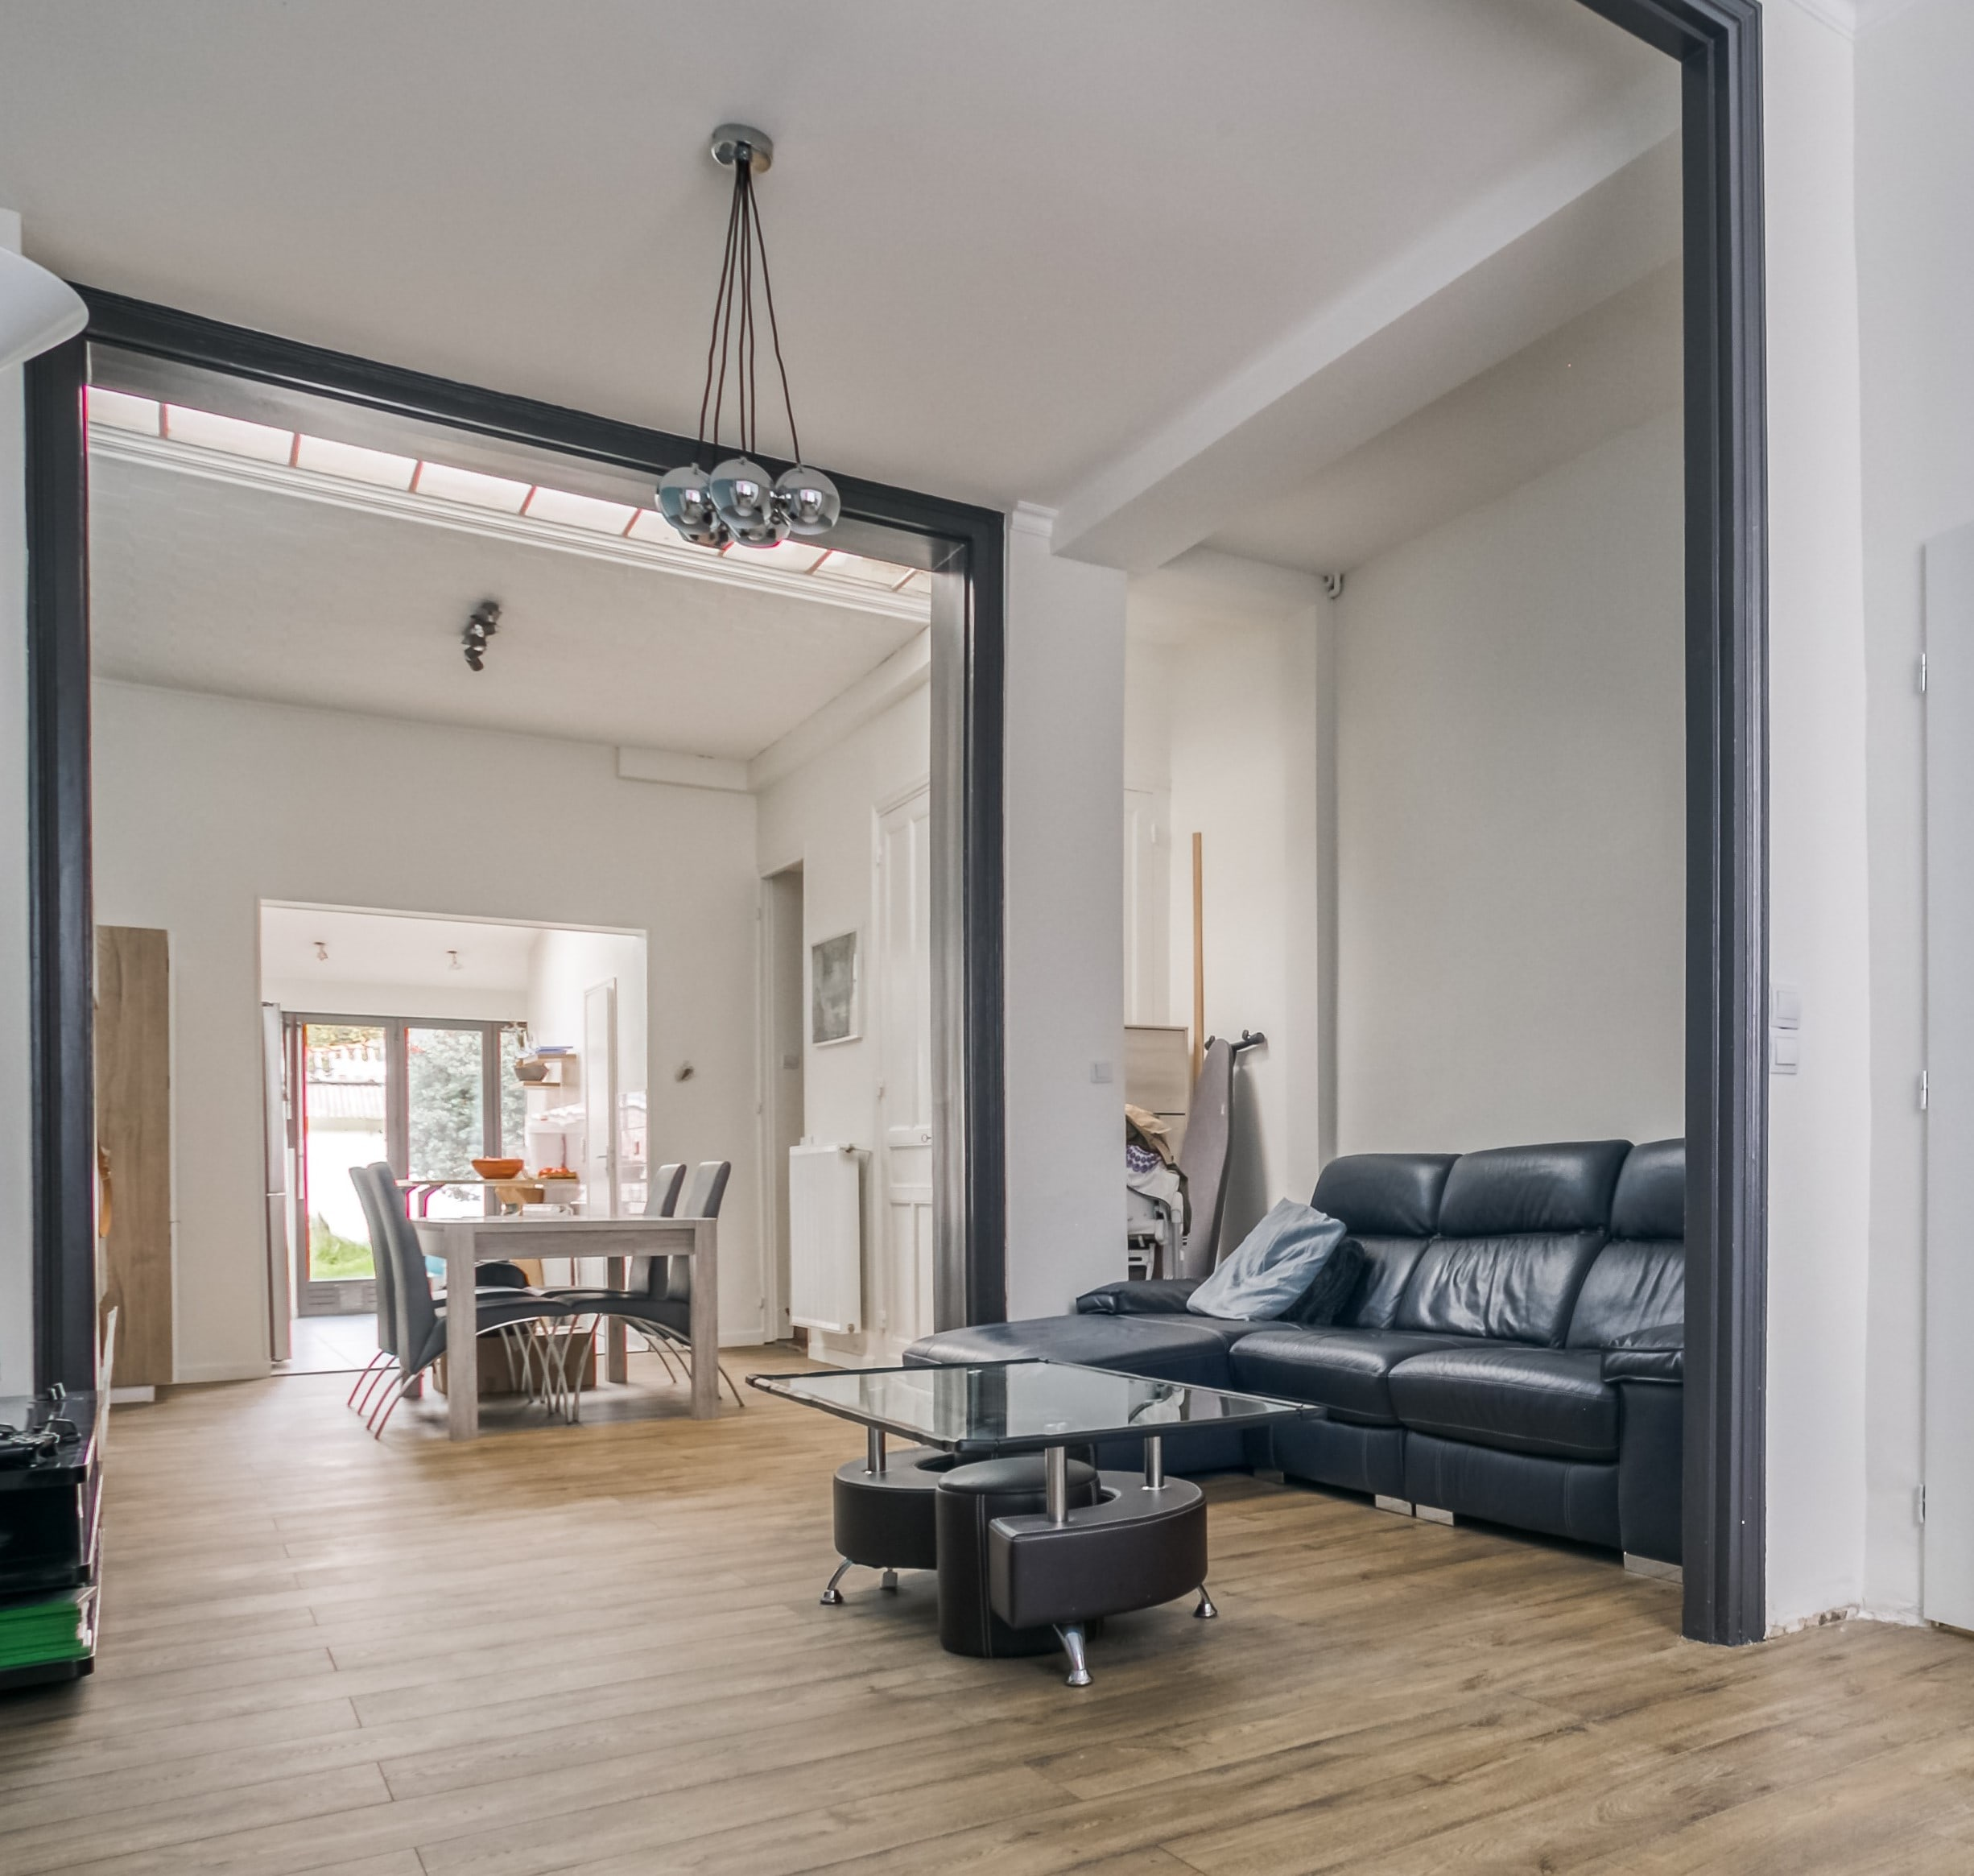 Rénovation d'une maison à Lille